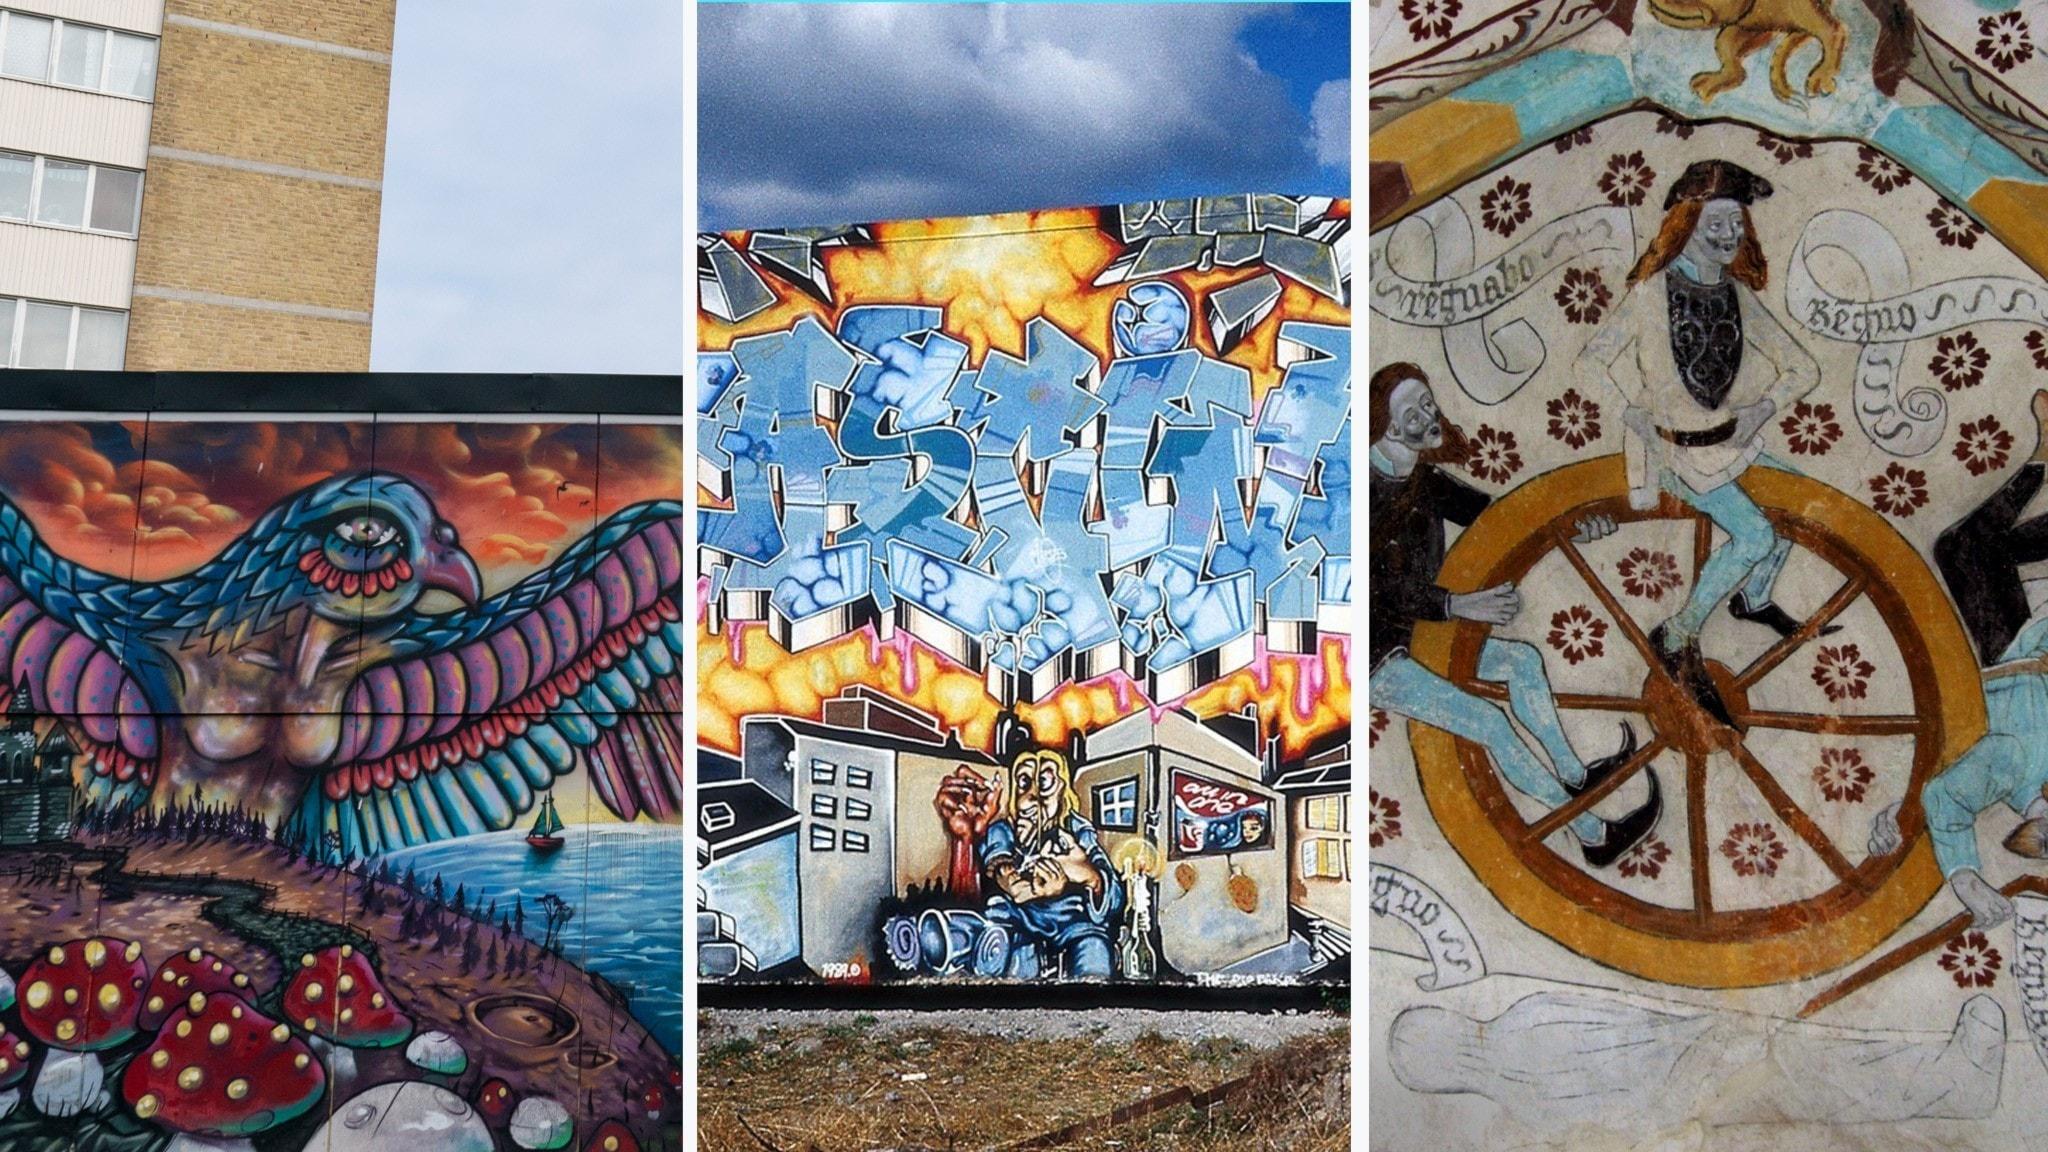 Väggmålningar utomhus och i kyrka